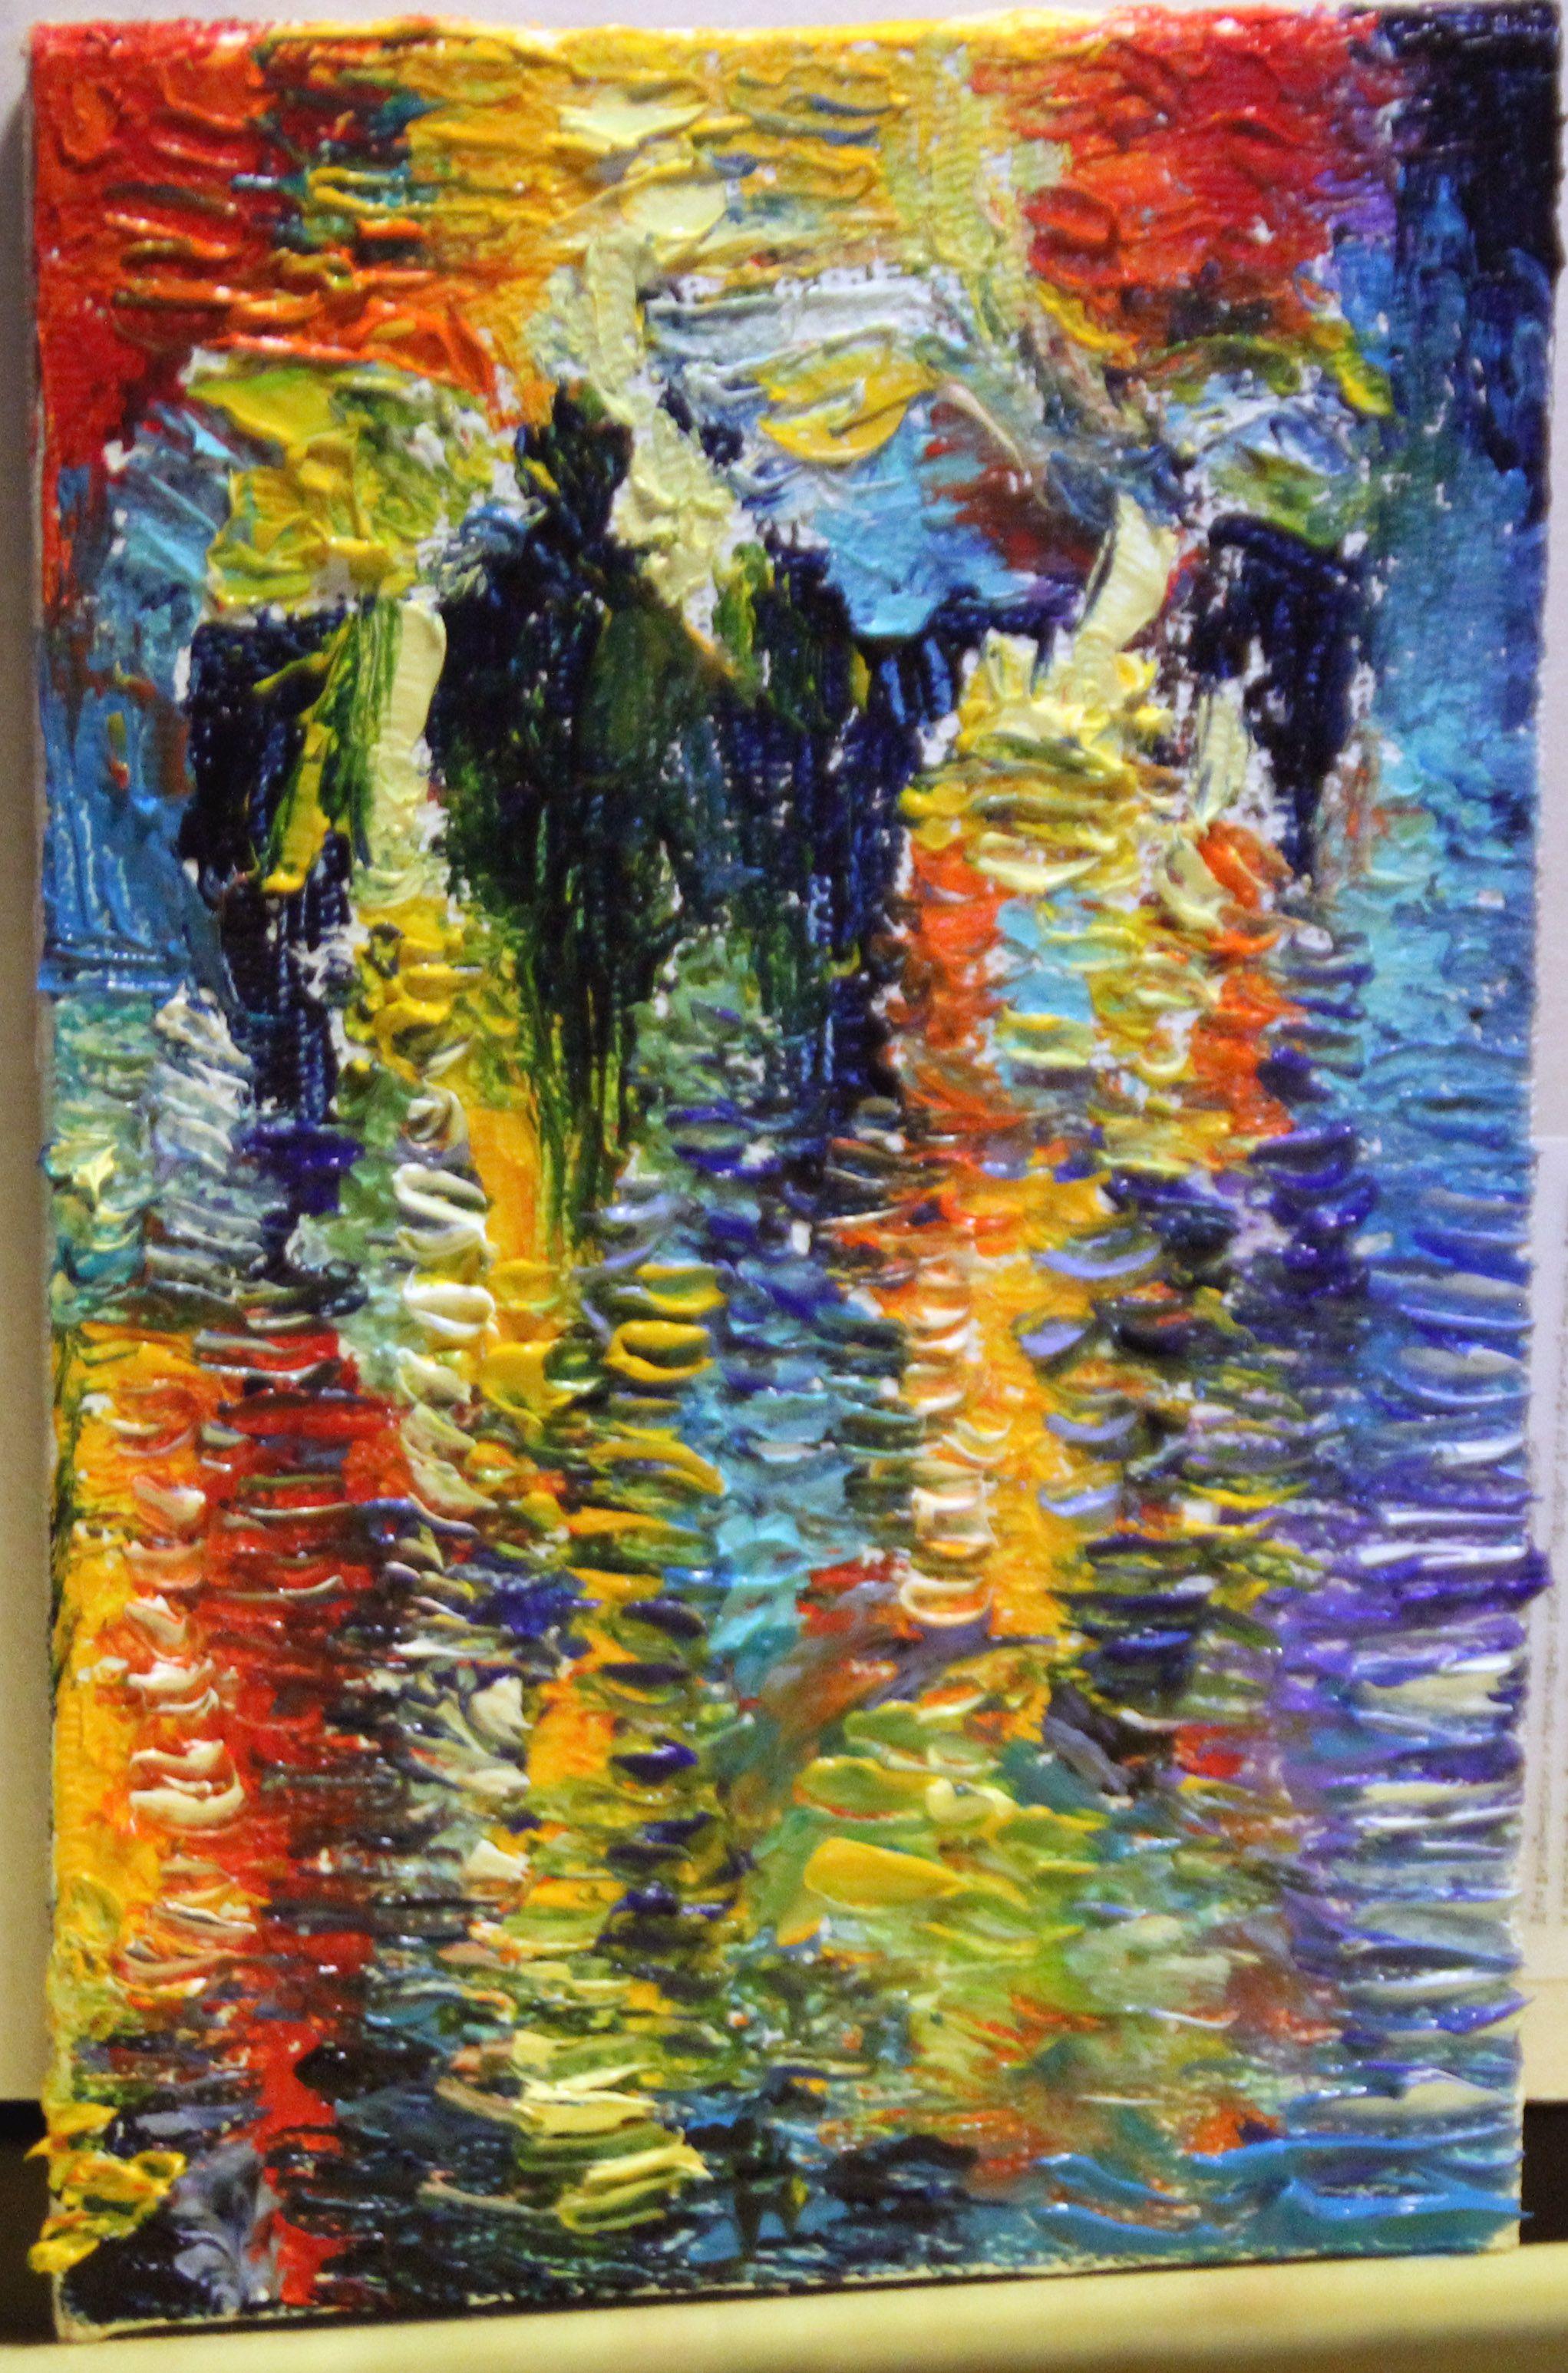 холст парк ночь город абстракция осень масло мастихин живопись пейзаж